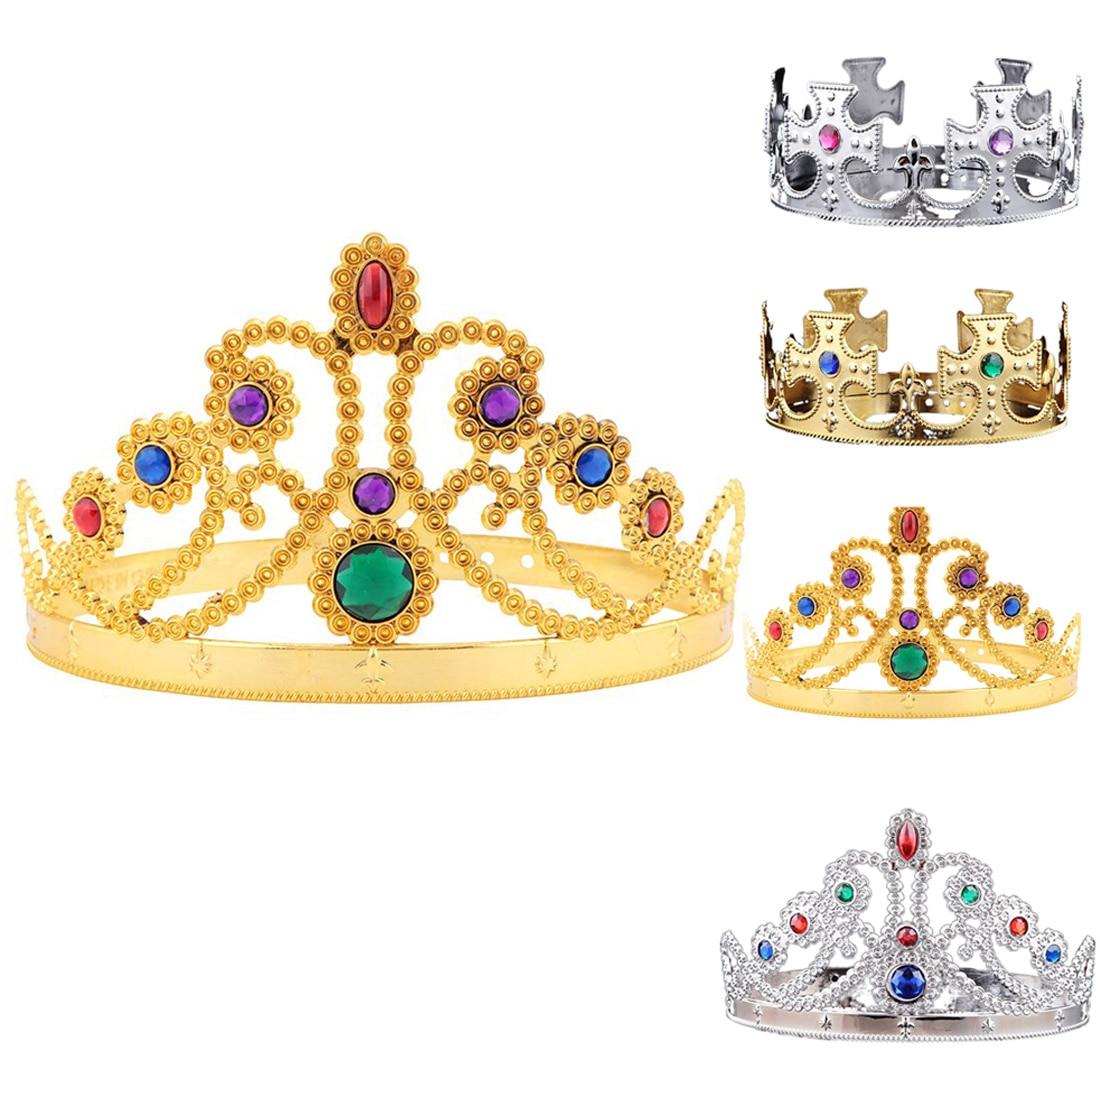 Buena Calidad Rey Reina Princesa Tiara Crystal Crown Hairband Headwear para el Partido para LOS NIÑOS, Niñas, Niños